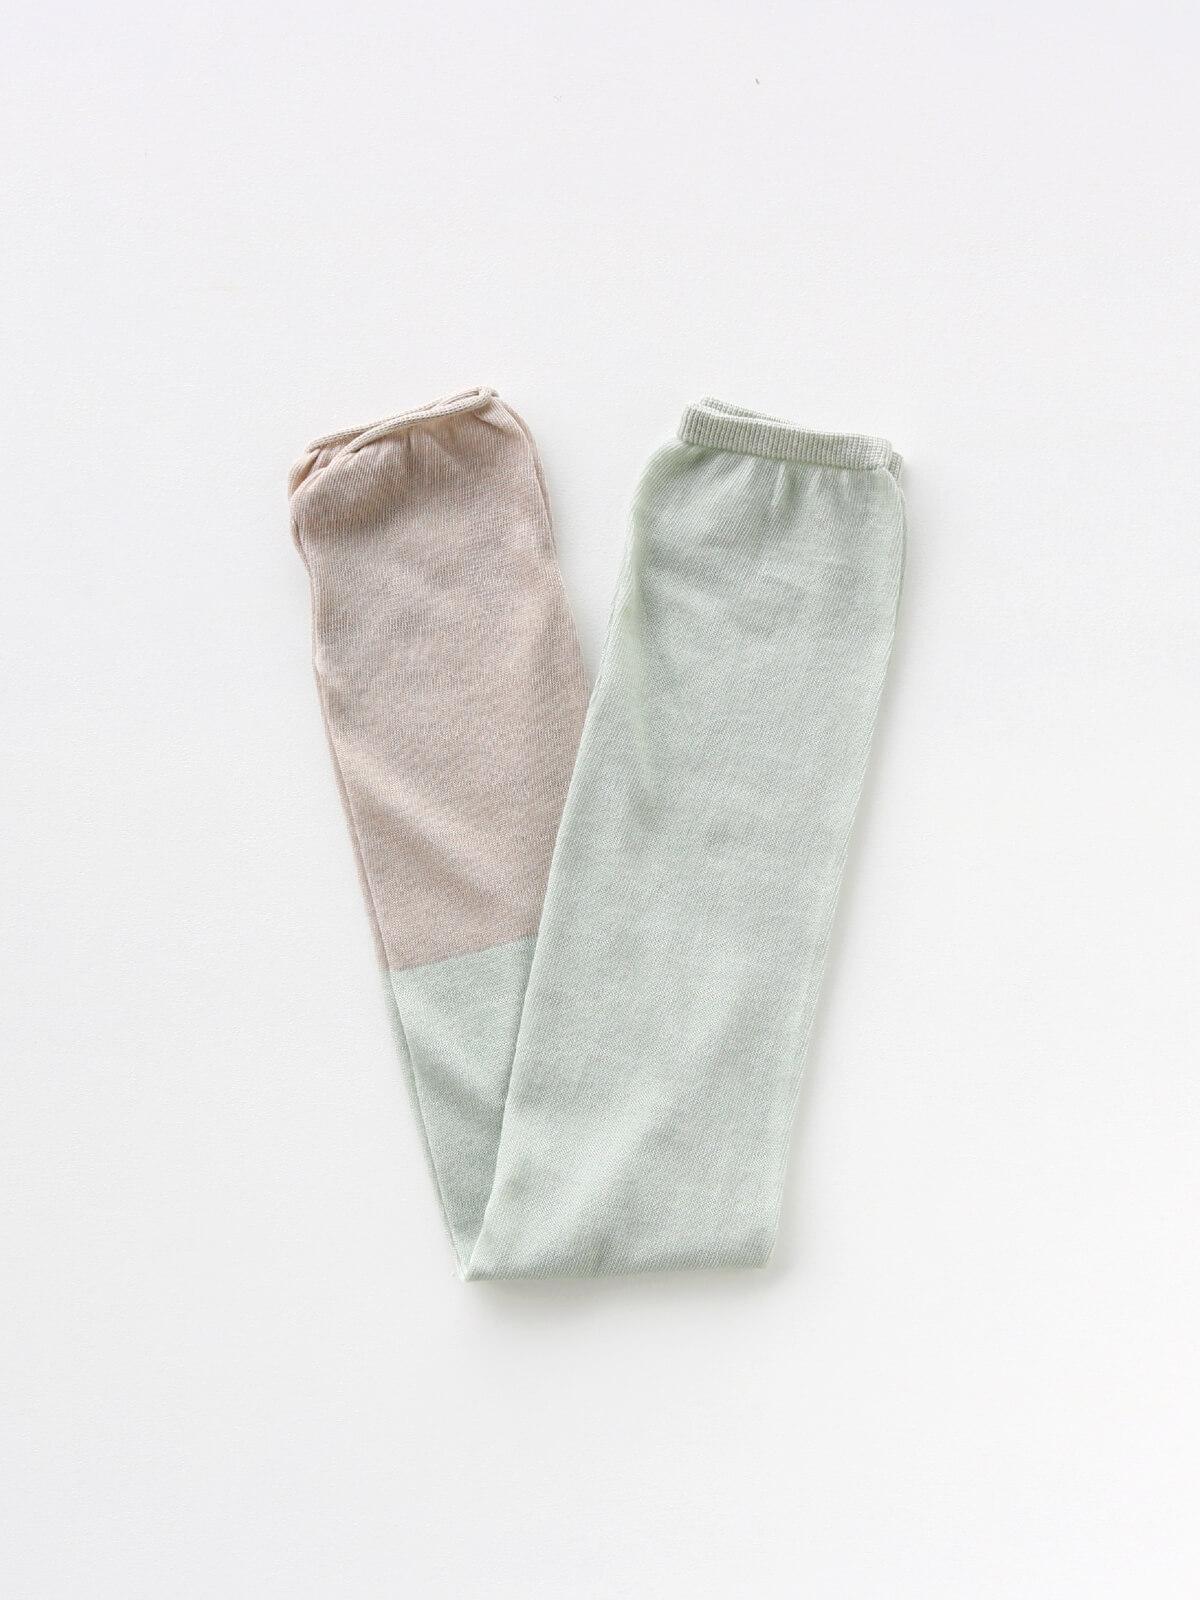 当たりつきギフト専用靴下のLUCKY SOCKS(ラッキーソックス)のSunscreen 2tone Armcover(サンスクリーン2トーンアームカバー)のペールミント×グレージュ_2